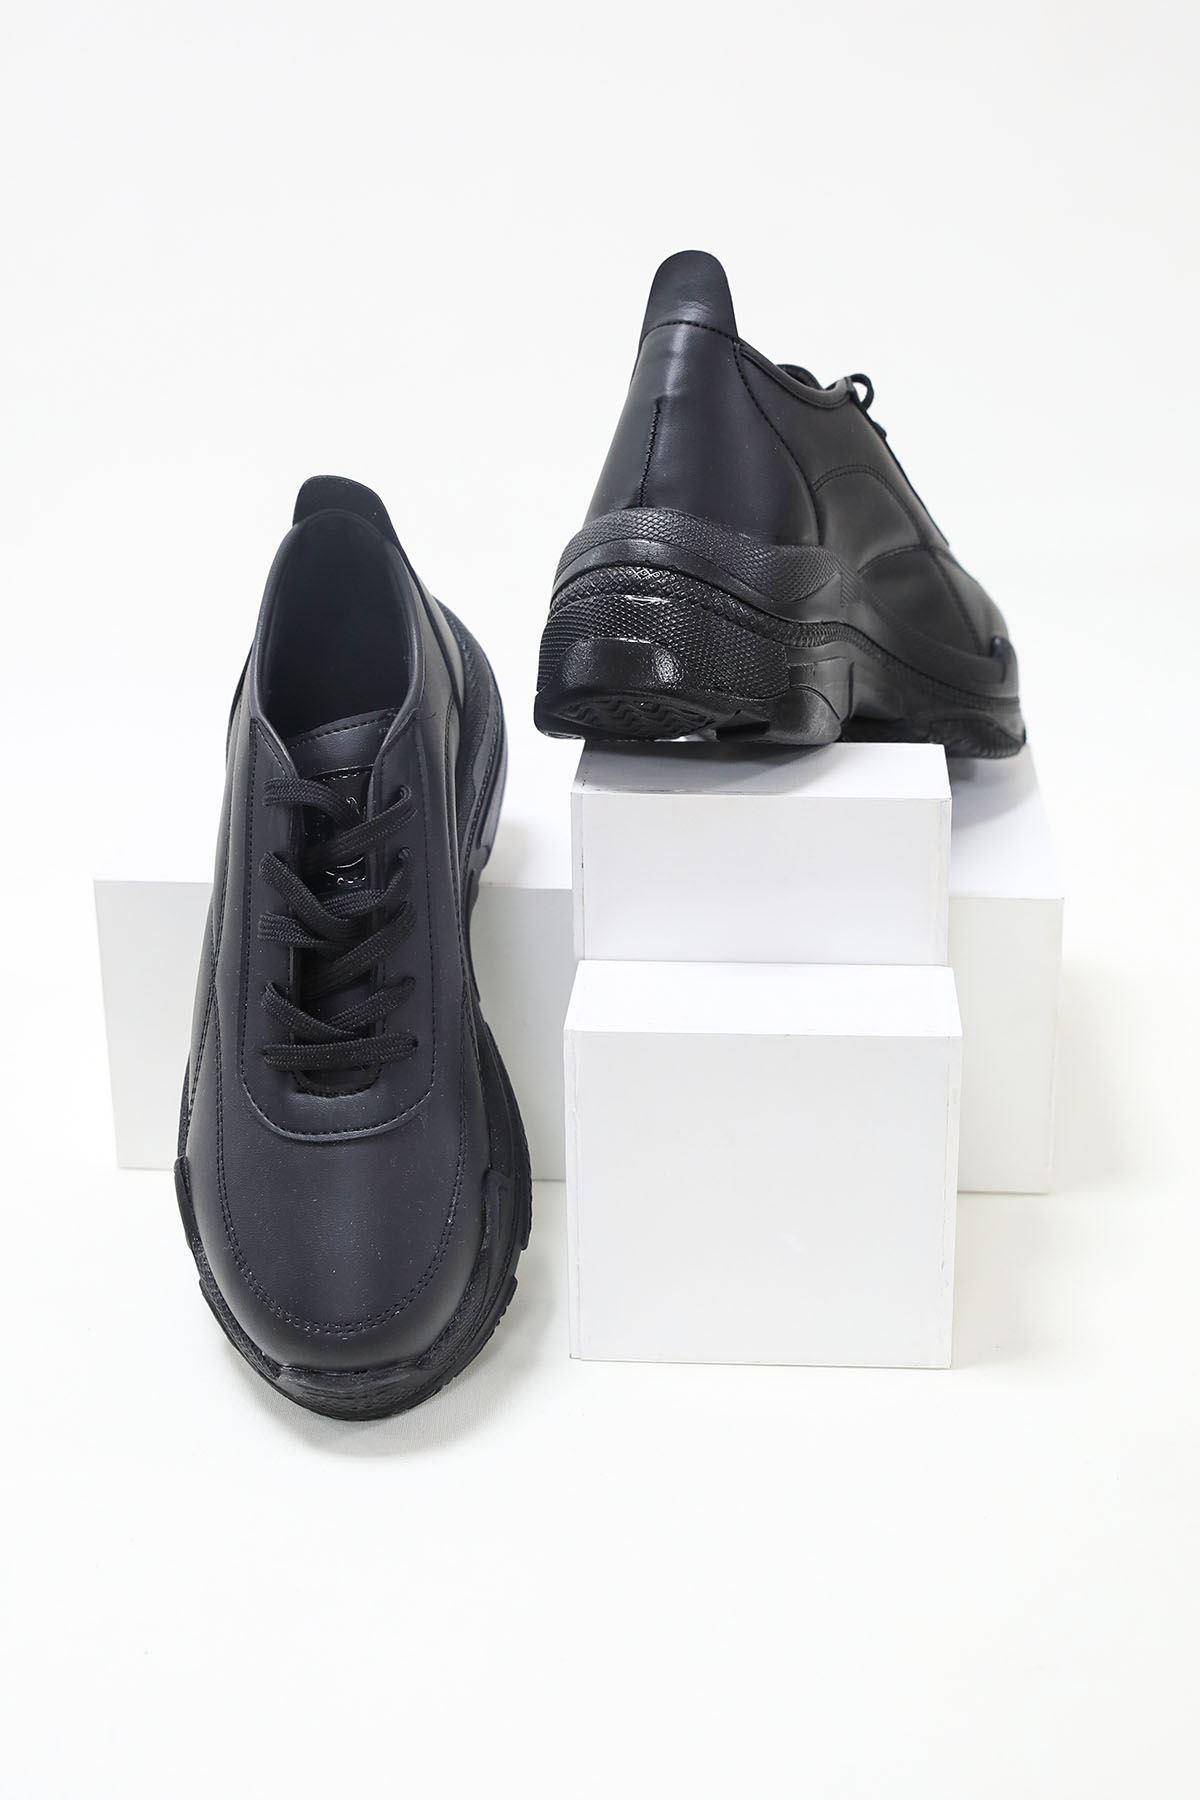 Loic Siyah Cilt Spor Ayakkabı